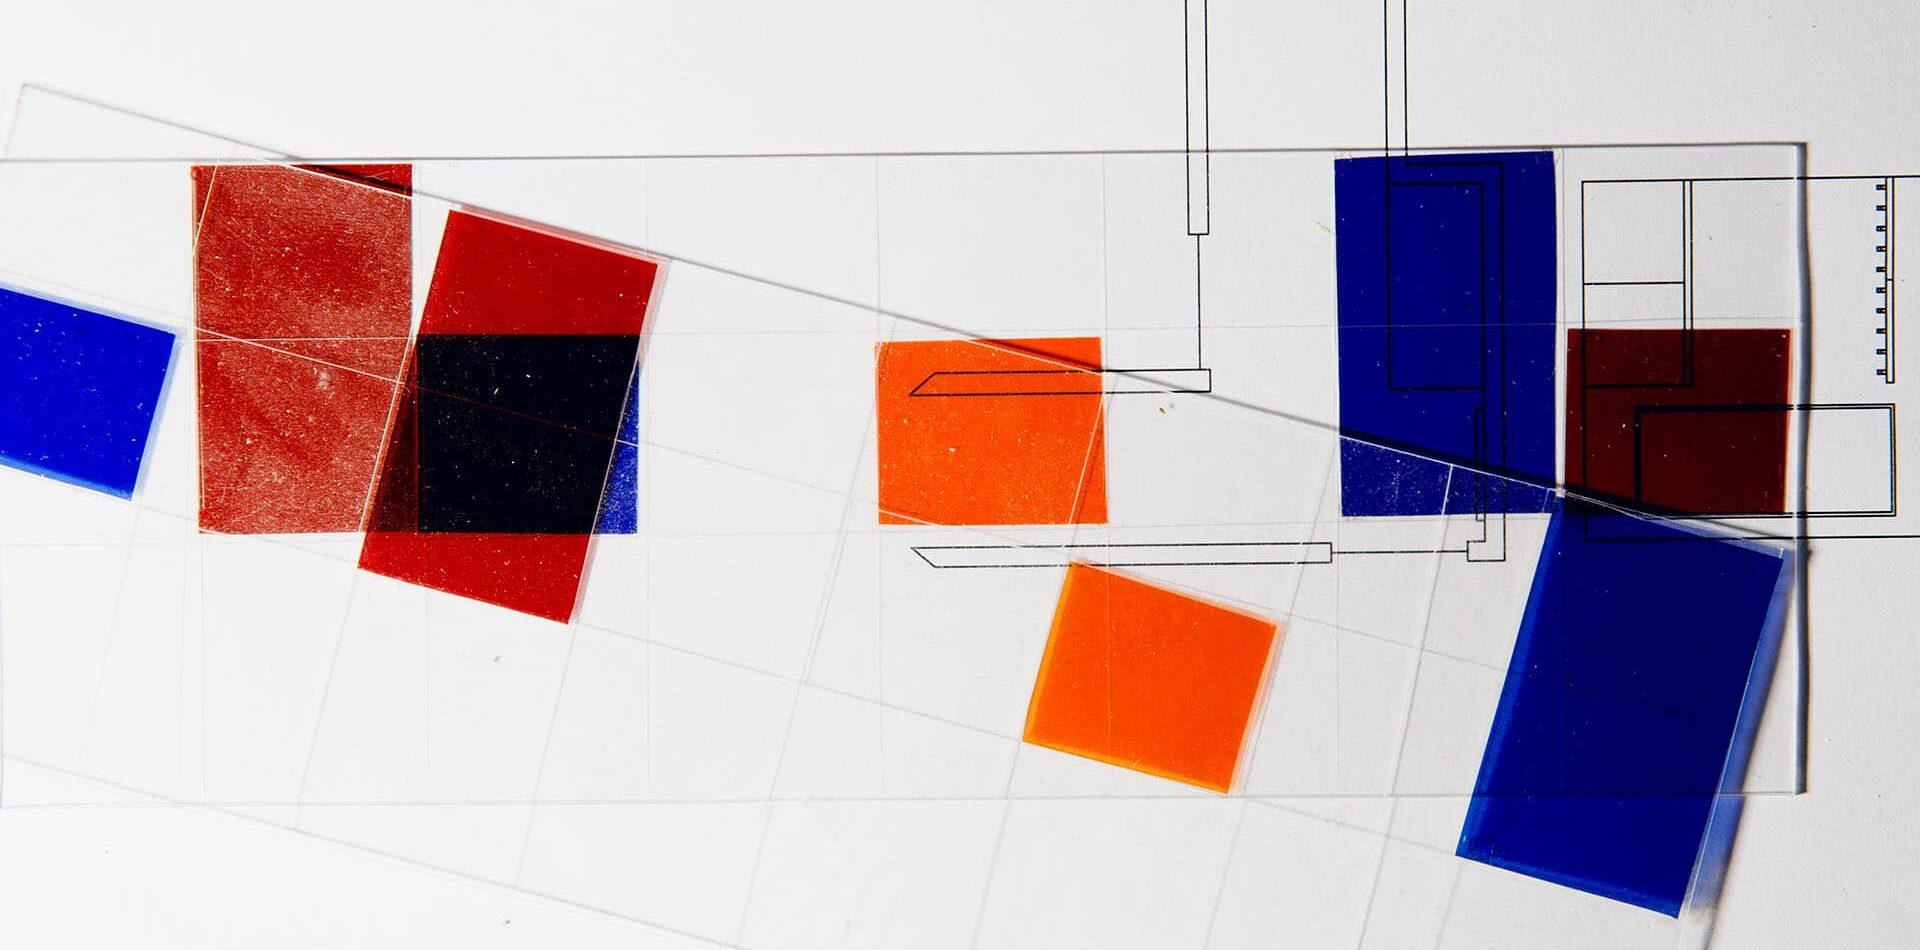 Nattler Planung Farbkonzept